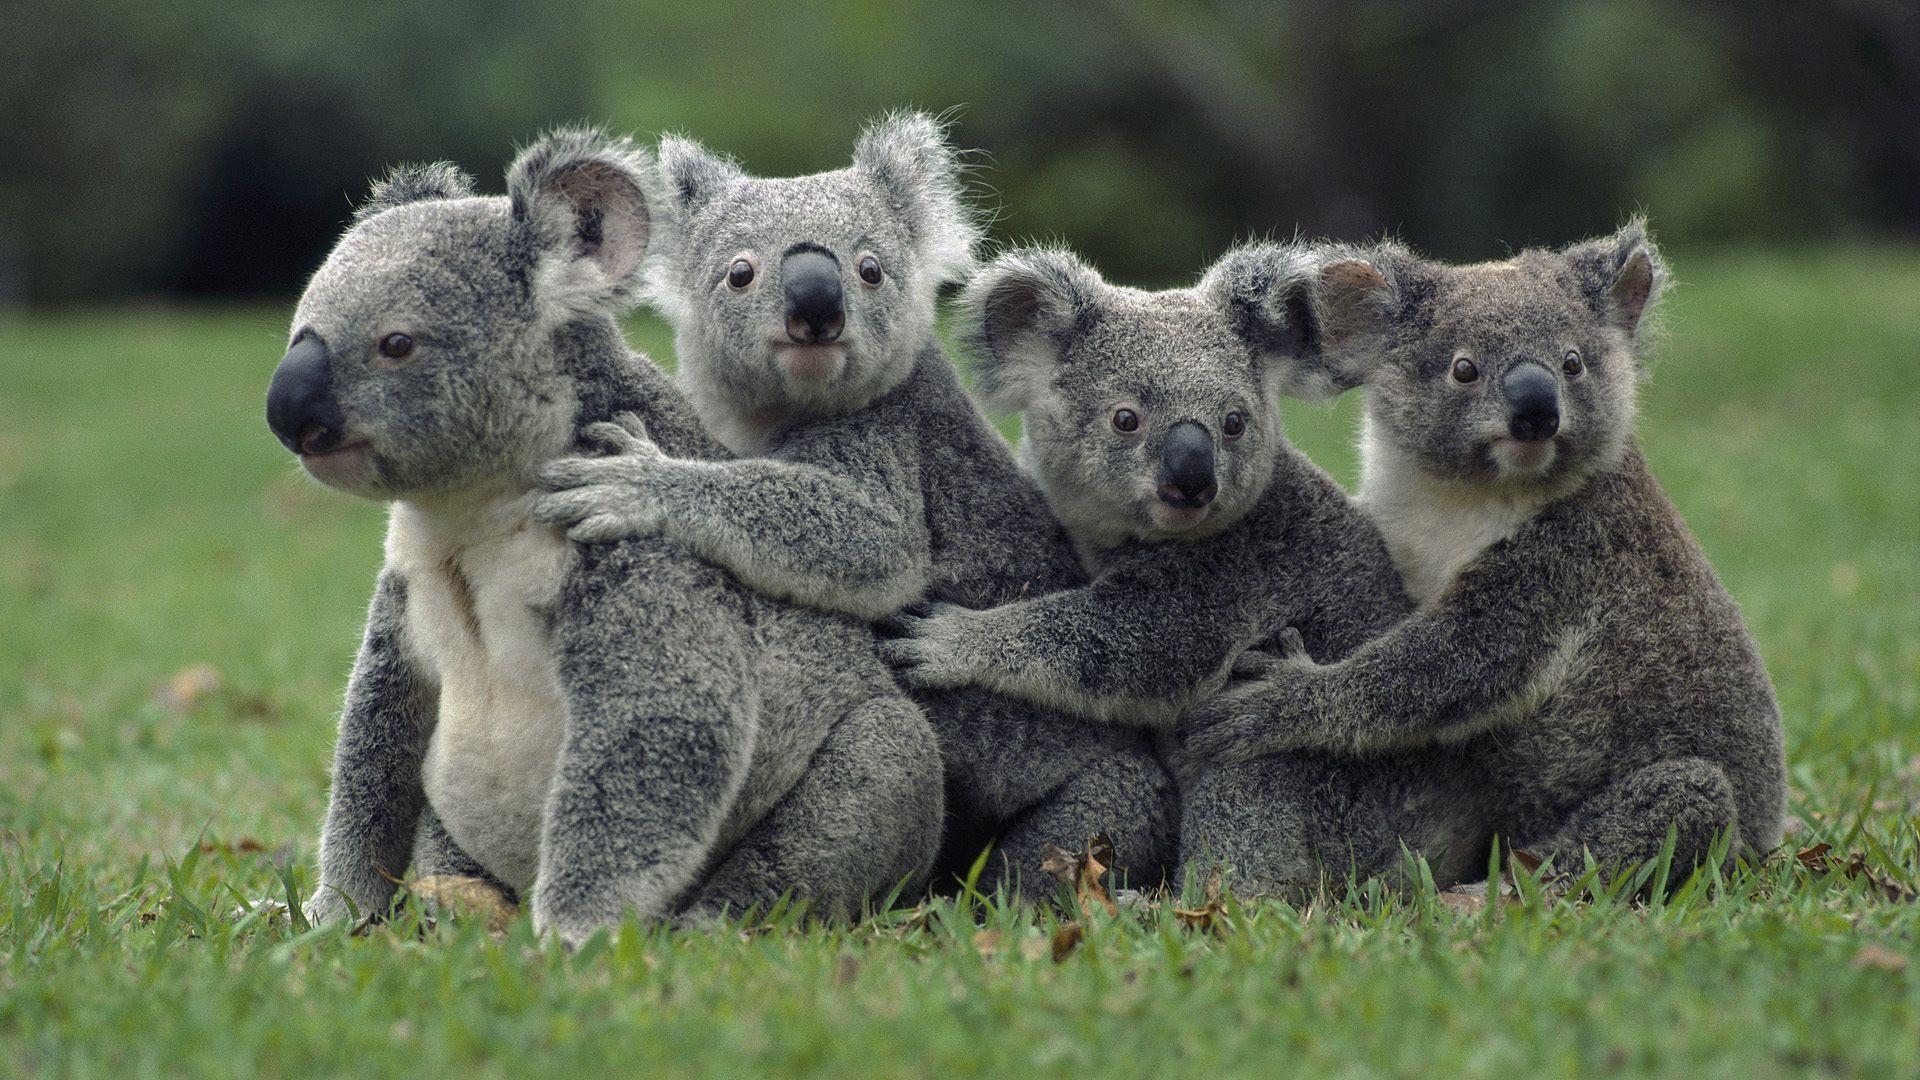 Koala Bear Wallpaper for Desktop Koala Wallpaper